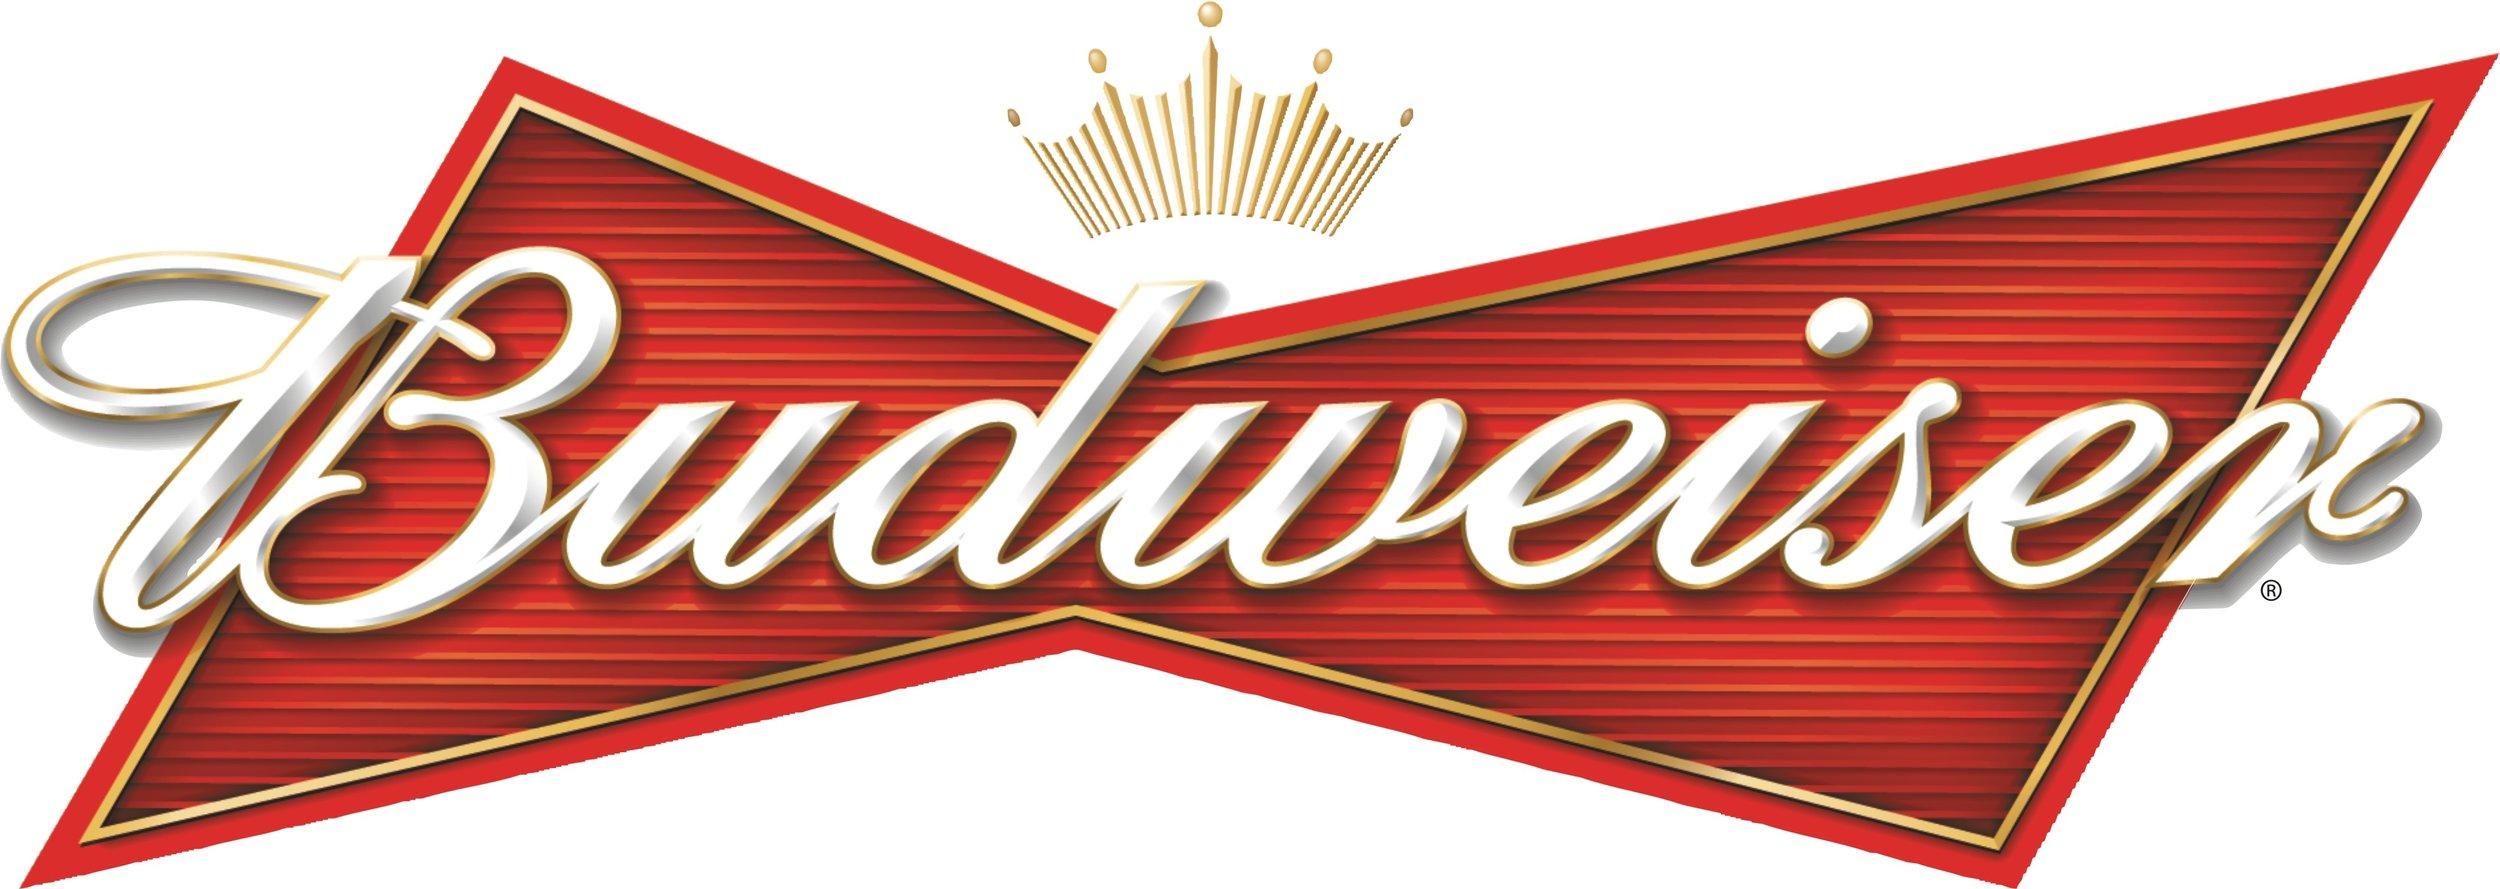 Budweiser-Logo-Wallpaper.jpg